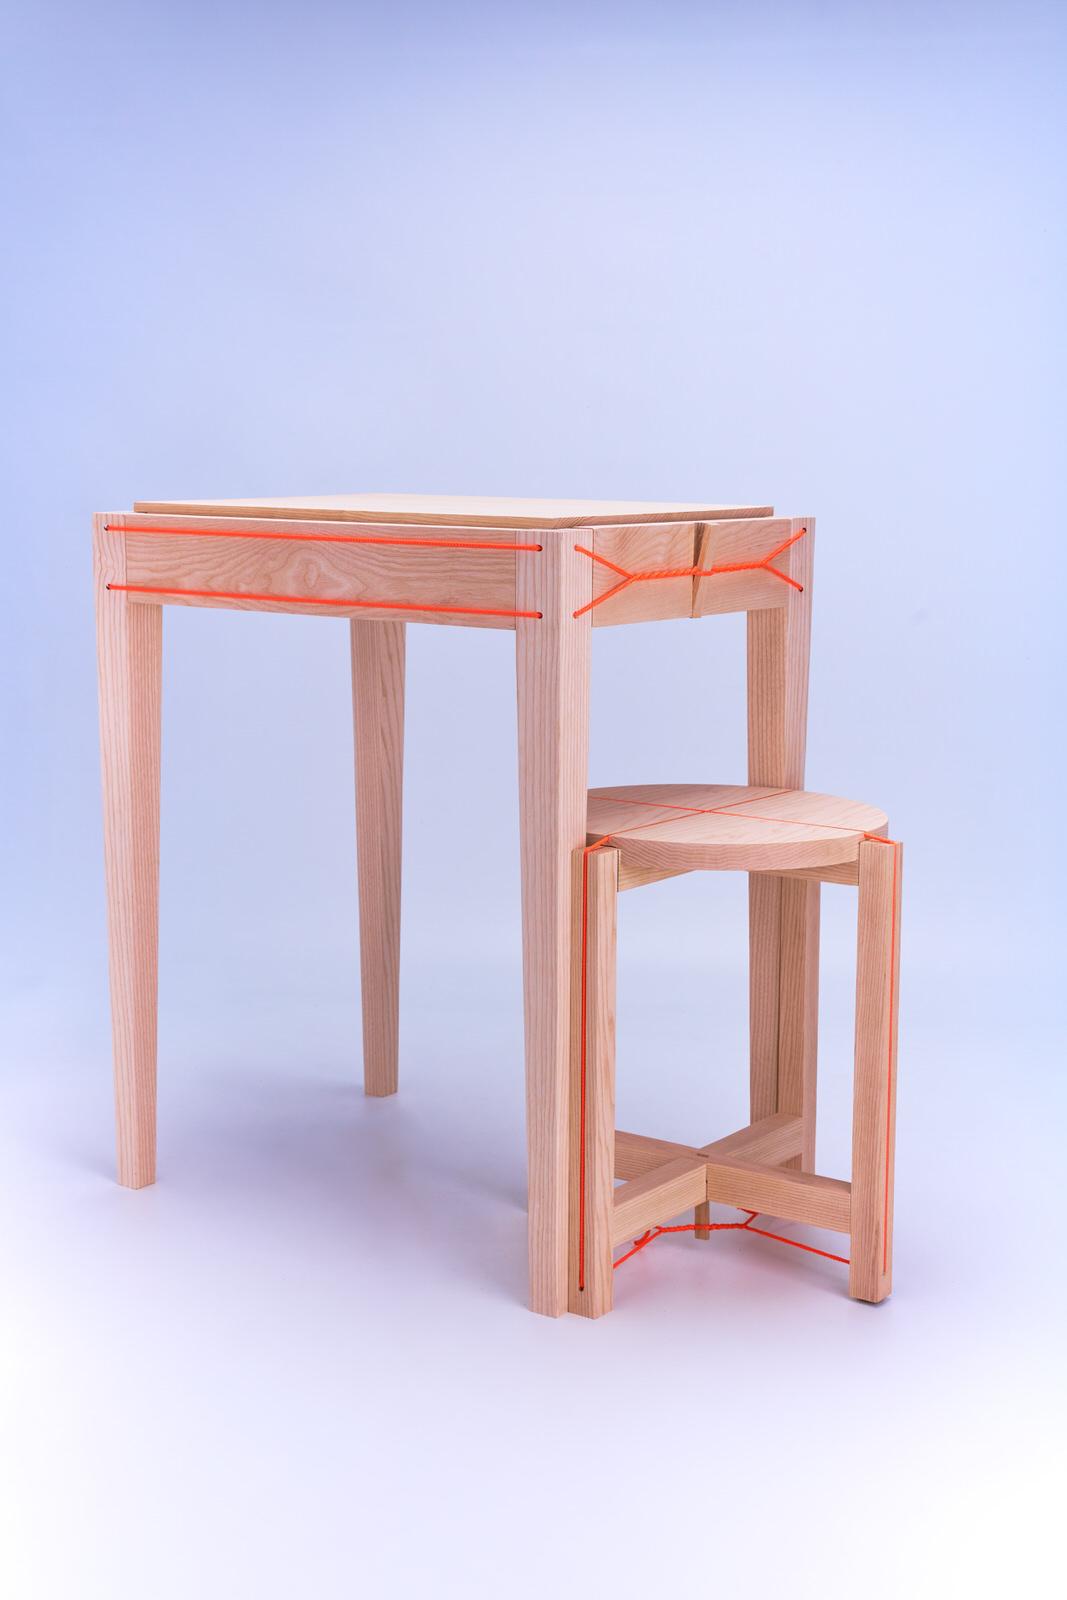 Design immobilier - Chaise - Photo produits - Table - Thierry Pousset - photographe publicitaire - Studio shooting